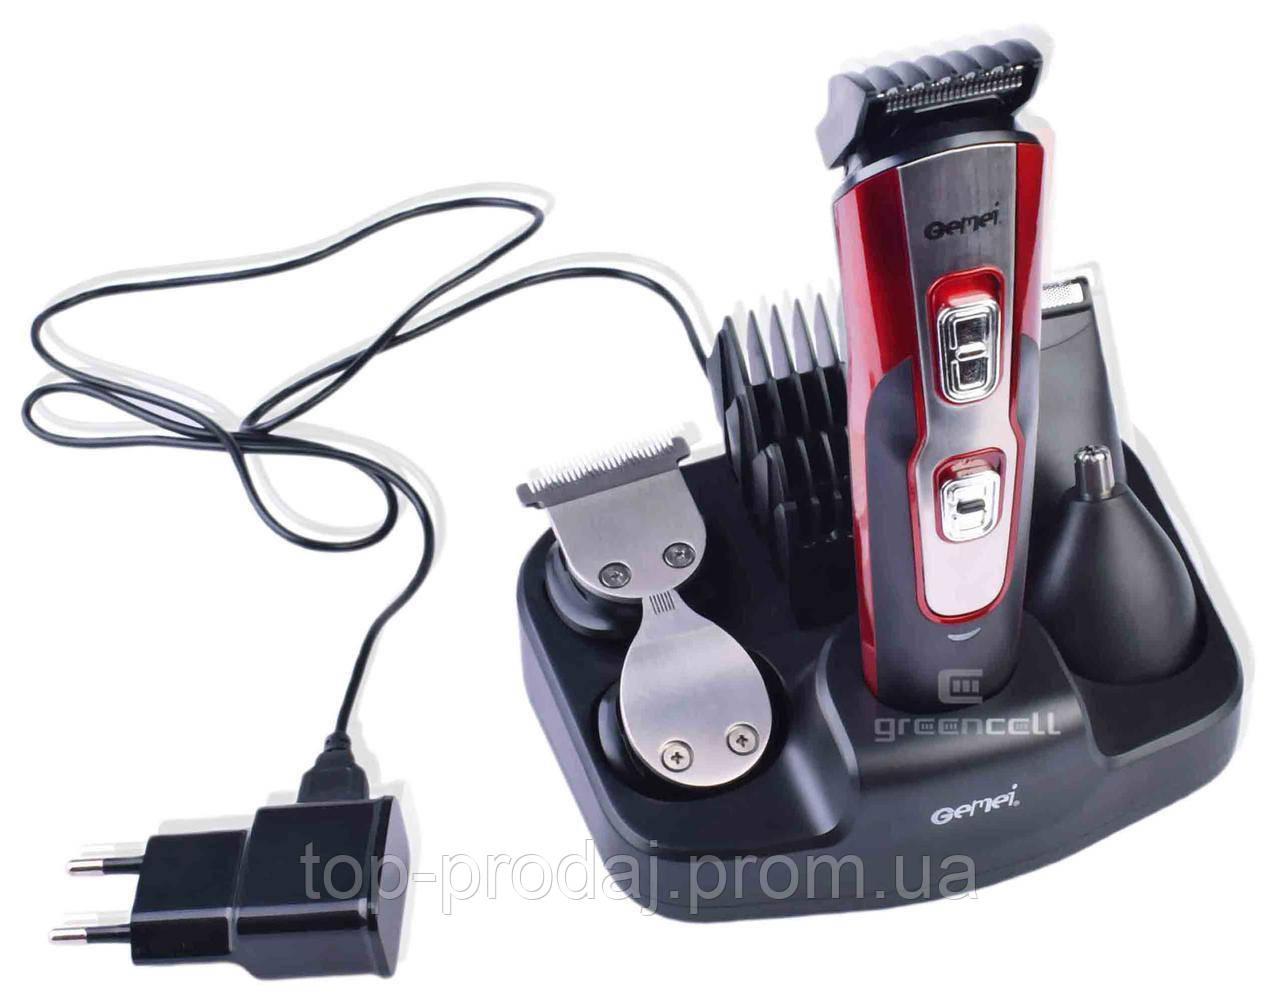 Машинка для стрижки с насадками  GM 592,Аккумуляторная машинка для стрижки, Триммер для стрижки волос и бороды